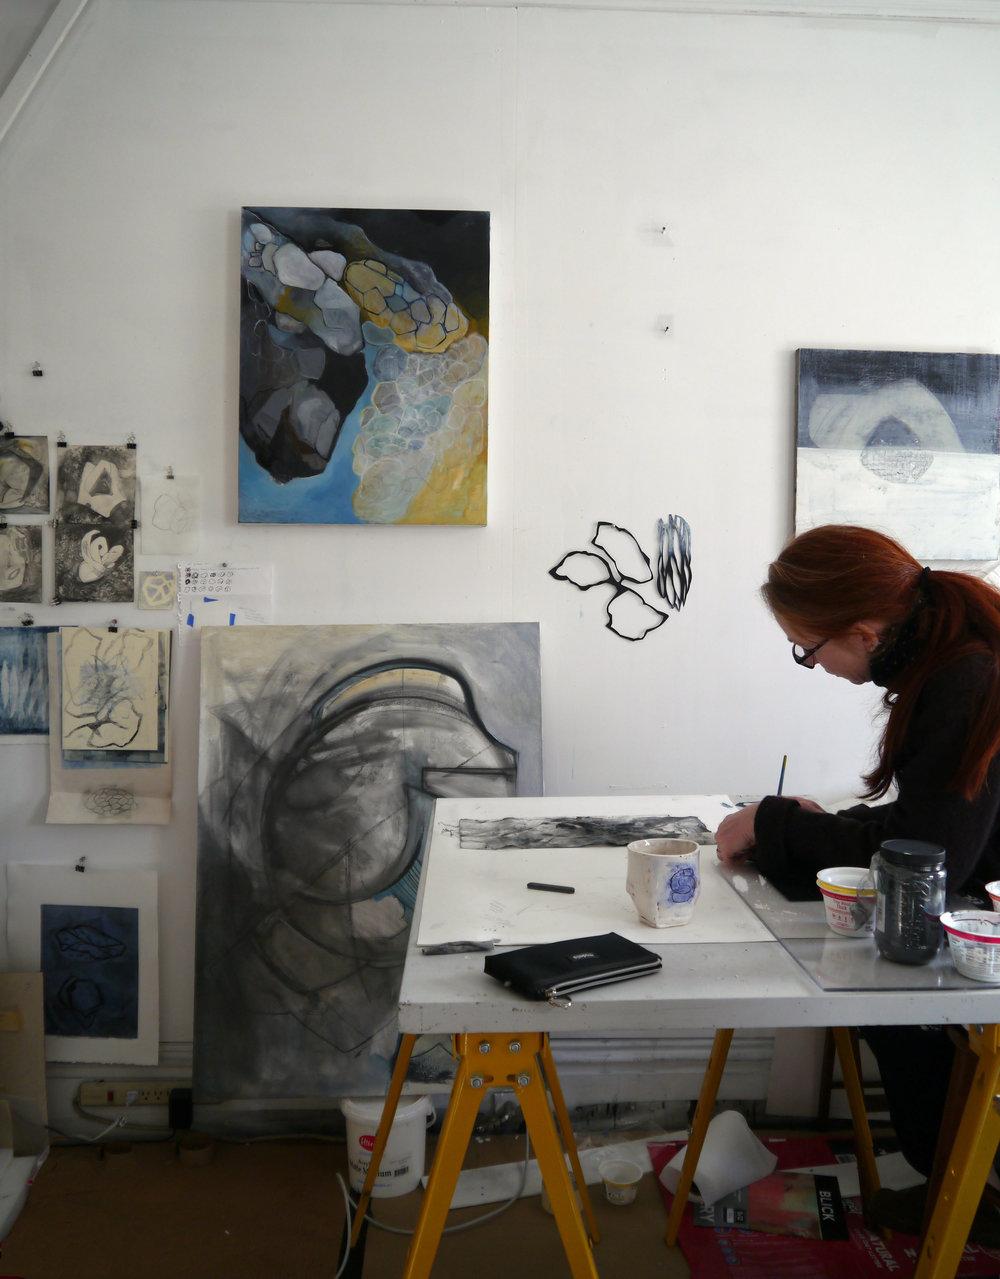 kate+in+studio.jpg